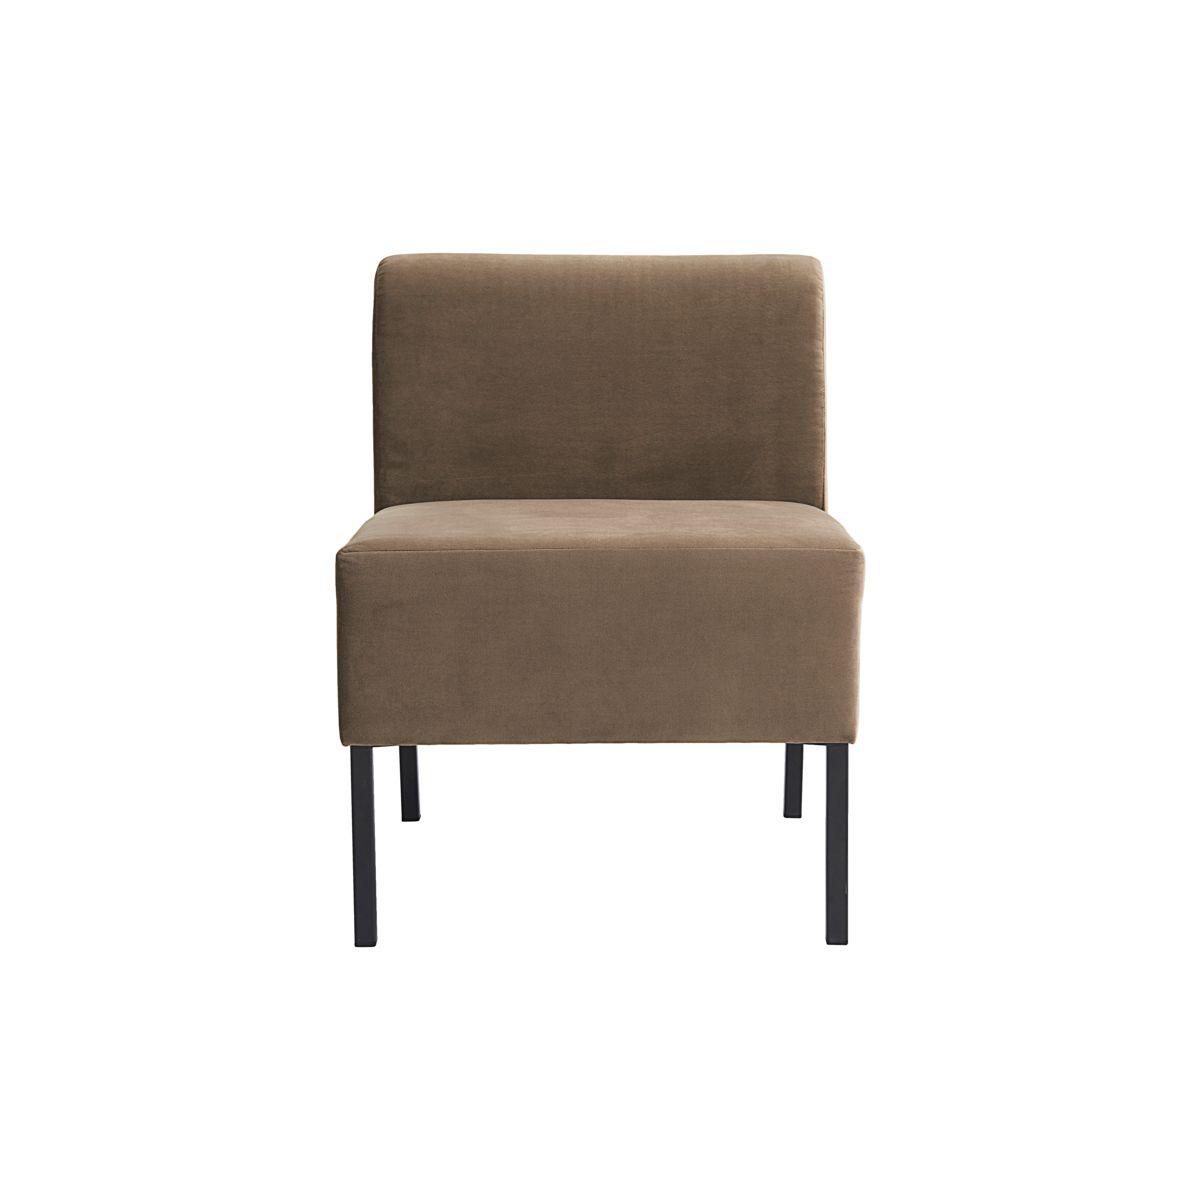 HOUSE DOCTOR sofa modul - sandfarvet stof, midterdel (60x60)